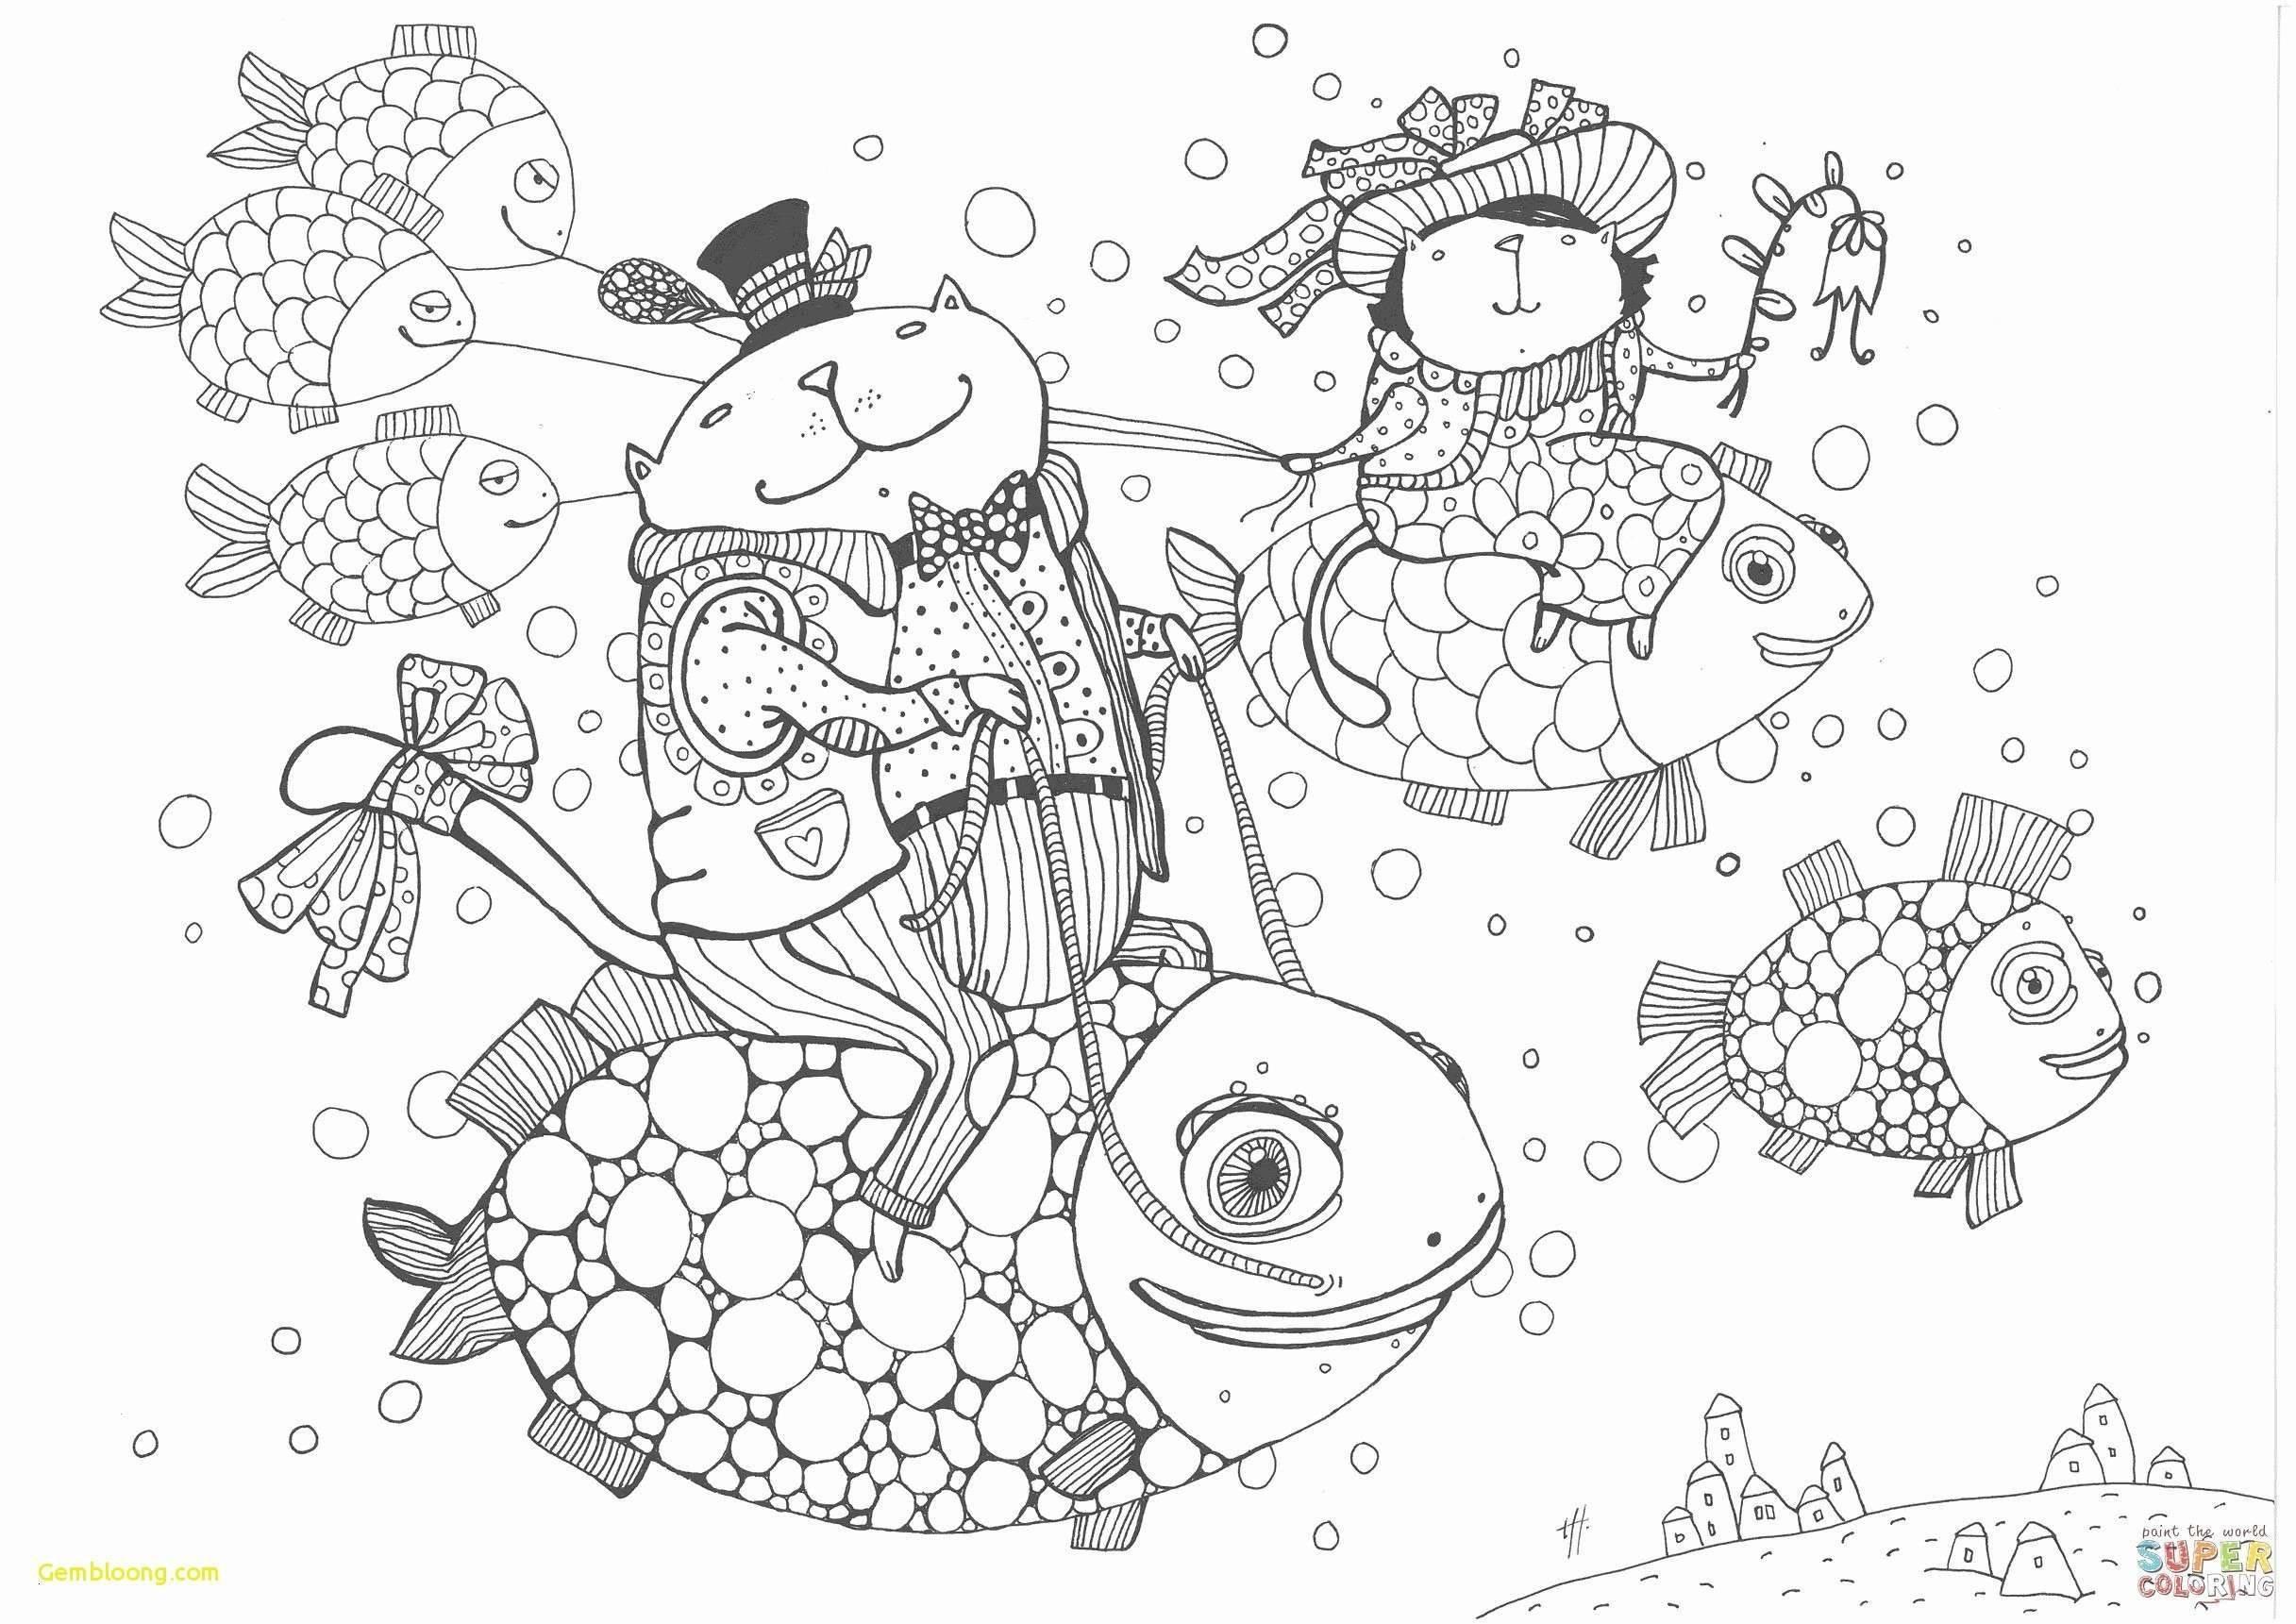 Malvorlage Blumen ornamente Neu Blumen Vorlagen Zum Malen Hahn Malvorlagen Ausdrucken Schön Das Bild